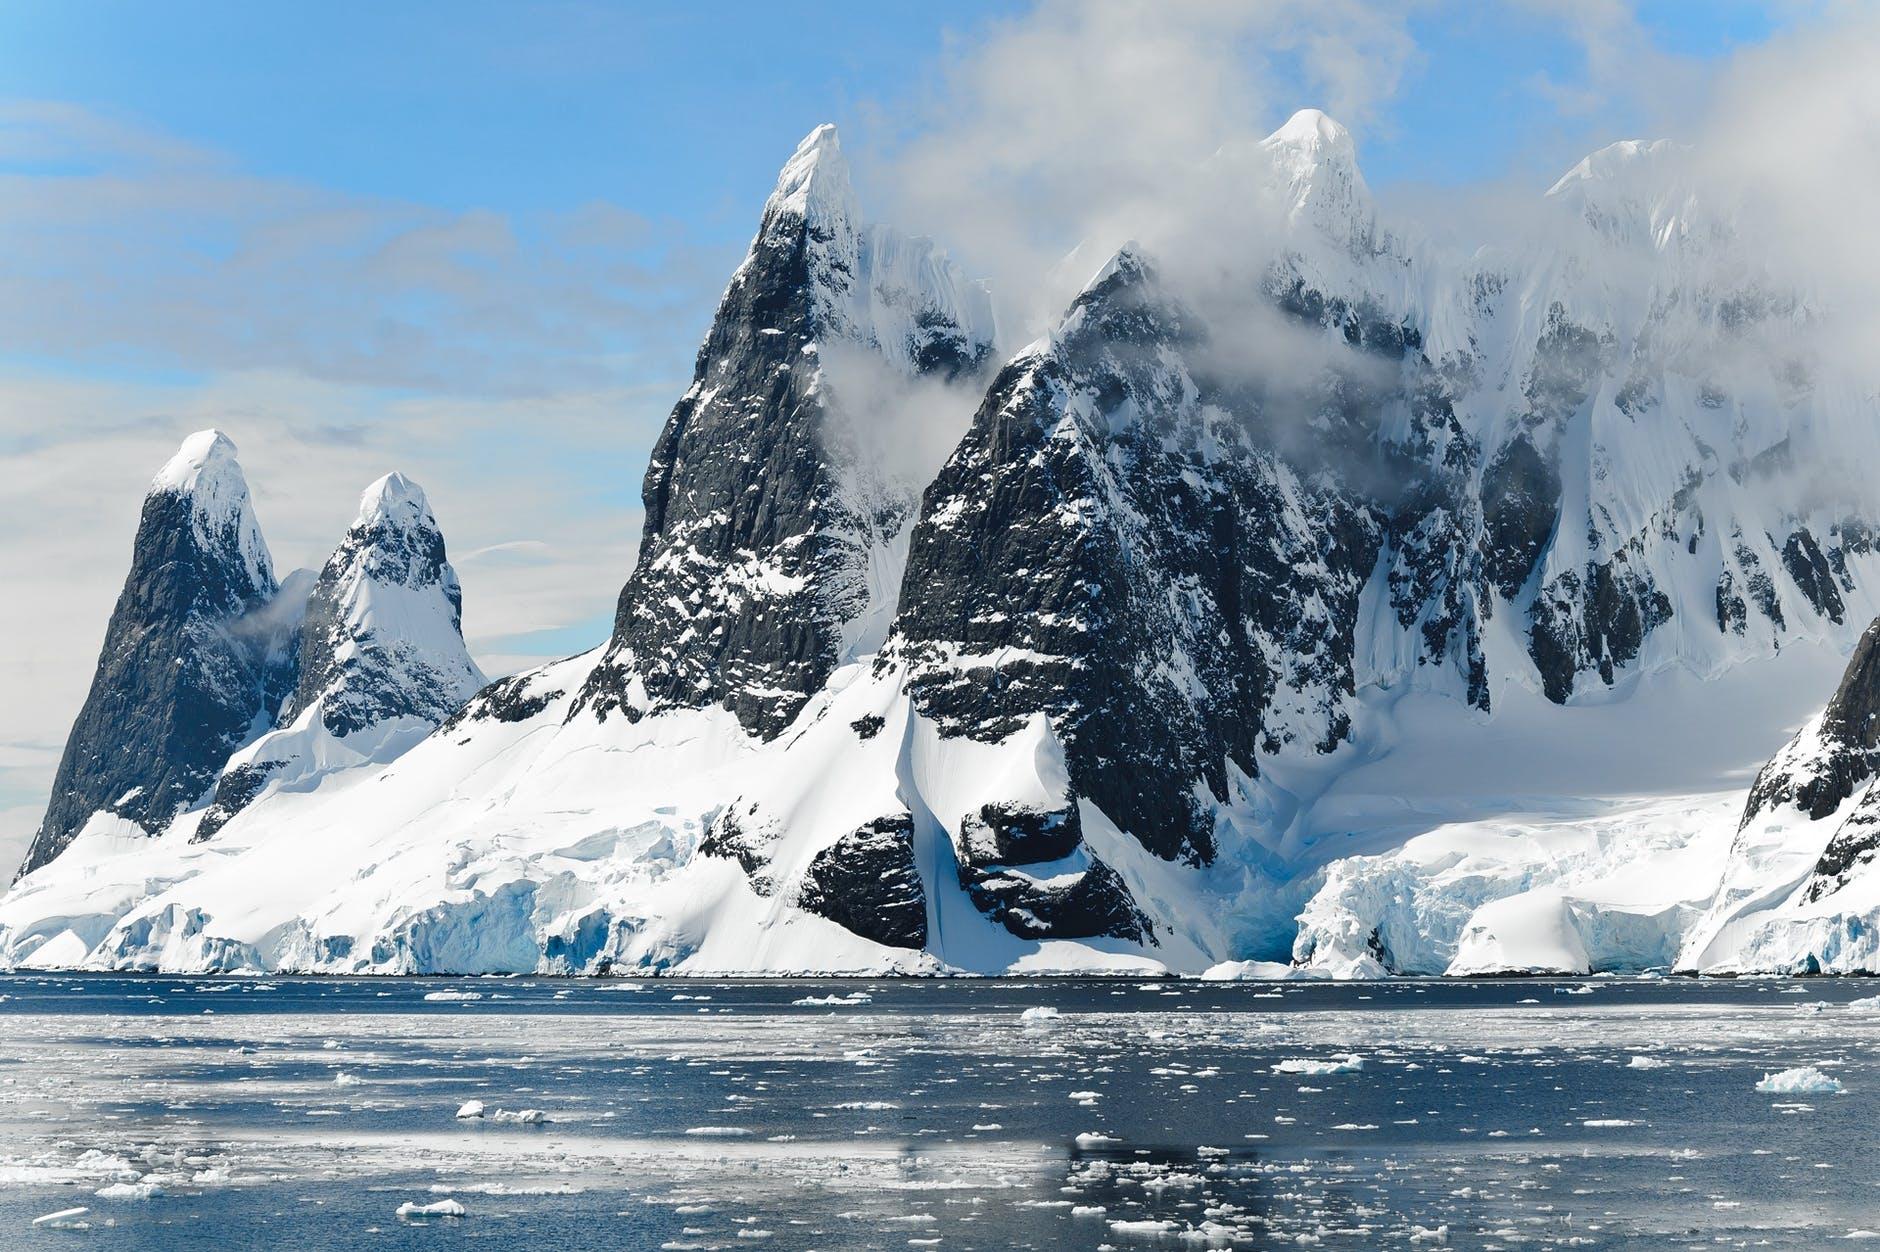 Glacier meeting the sea in Antarctica